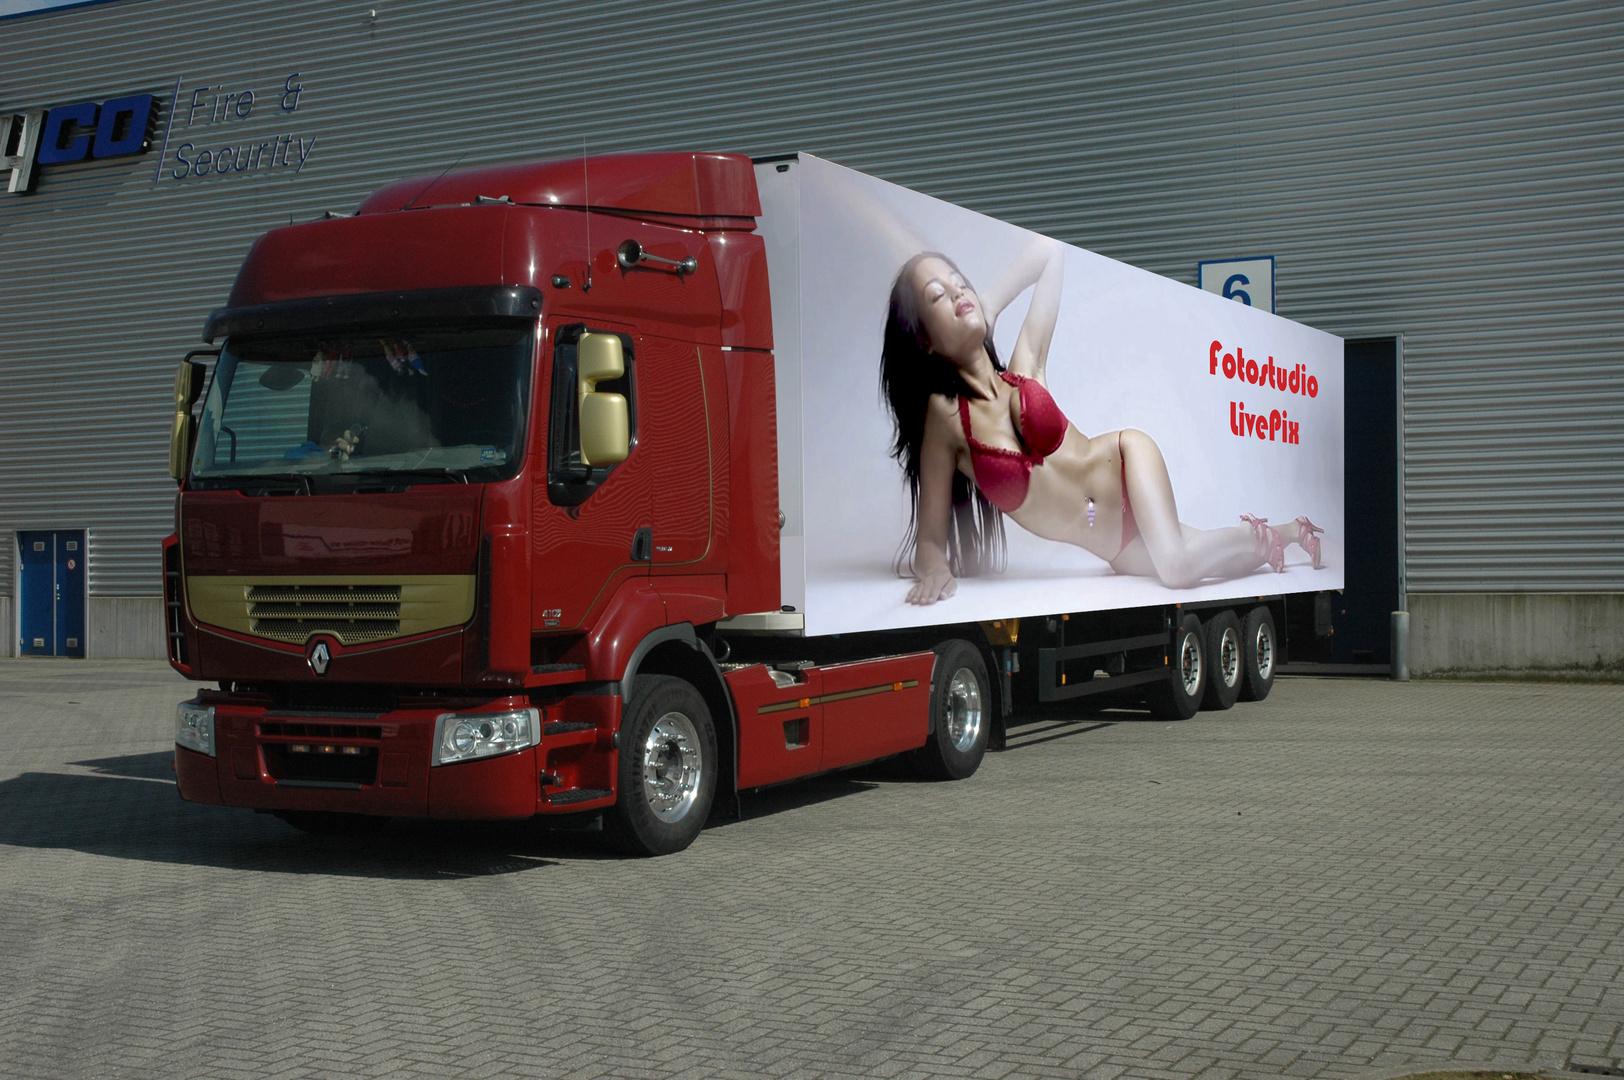 LKW Werbung Foto & Bild | werbe- und produkt- fotografie ...